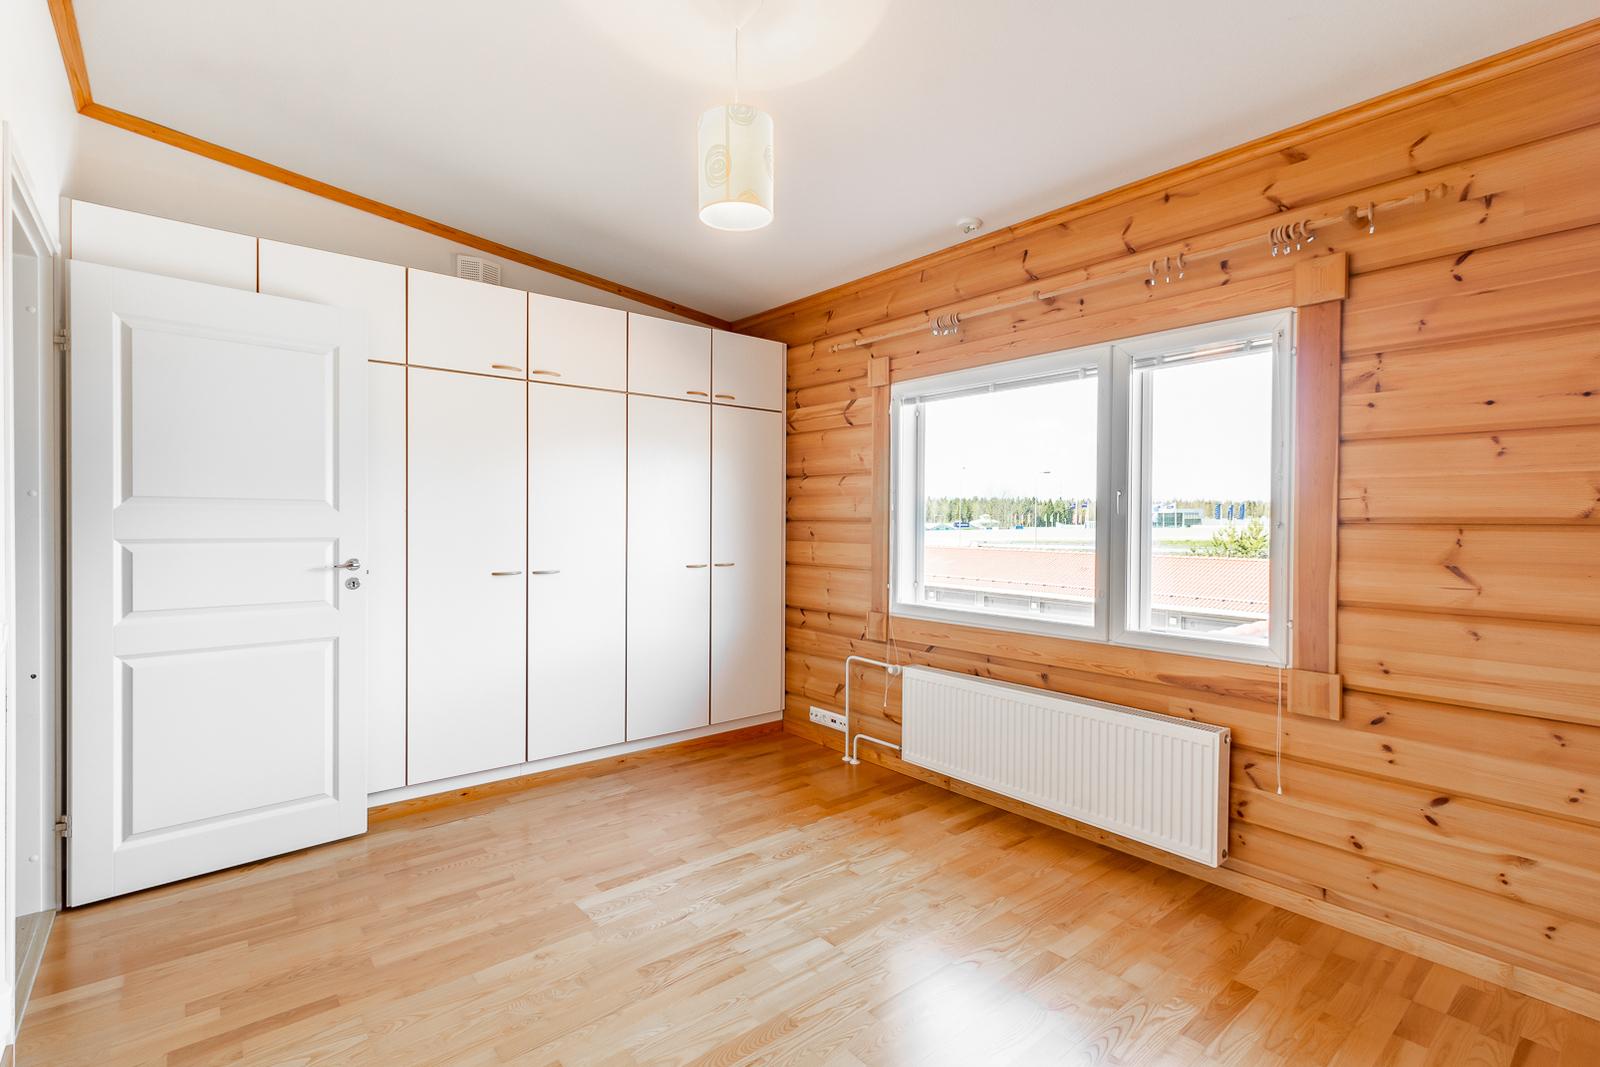 Makuuhuone yläkerrassa / Sovrum på övre våning